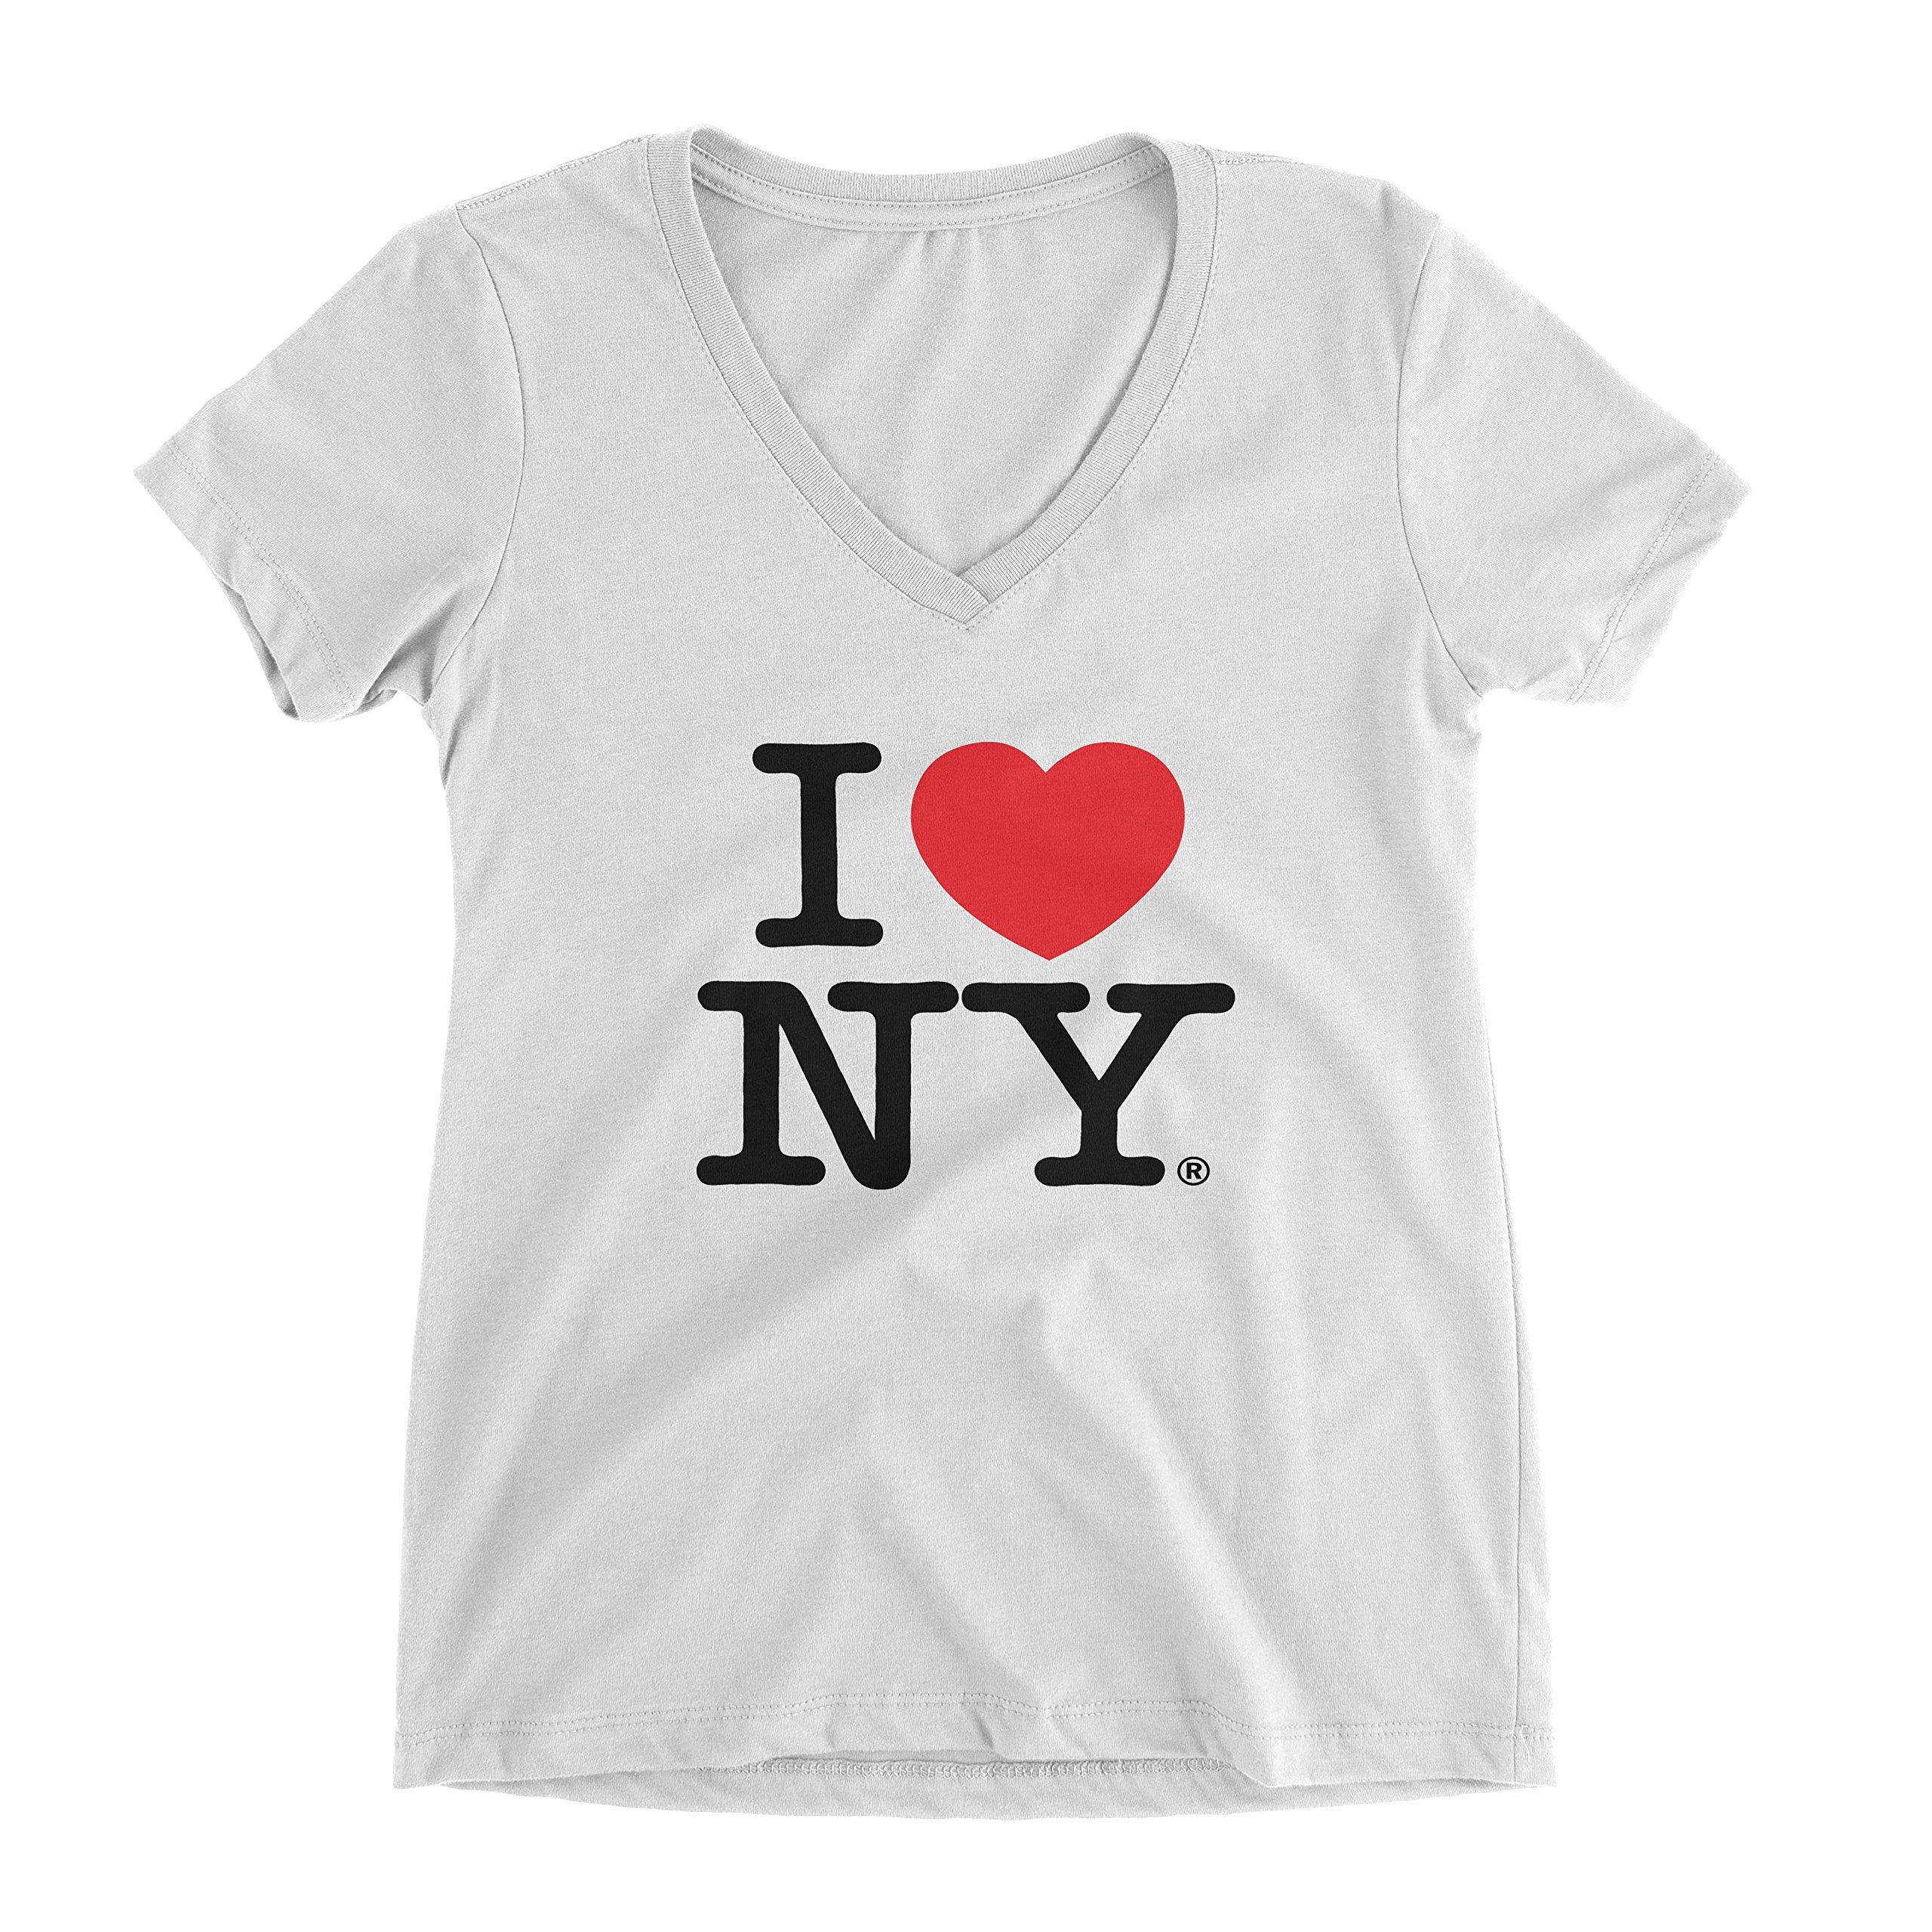 I Love NY New York Womens V-Neck T-Shirt Spandex Heart White Small